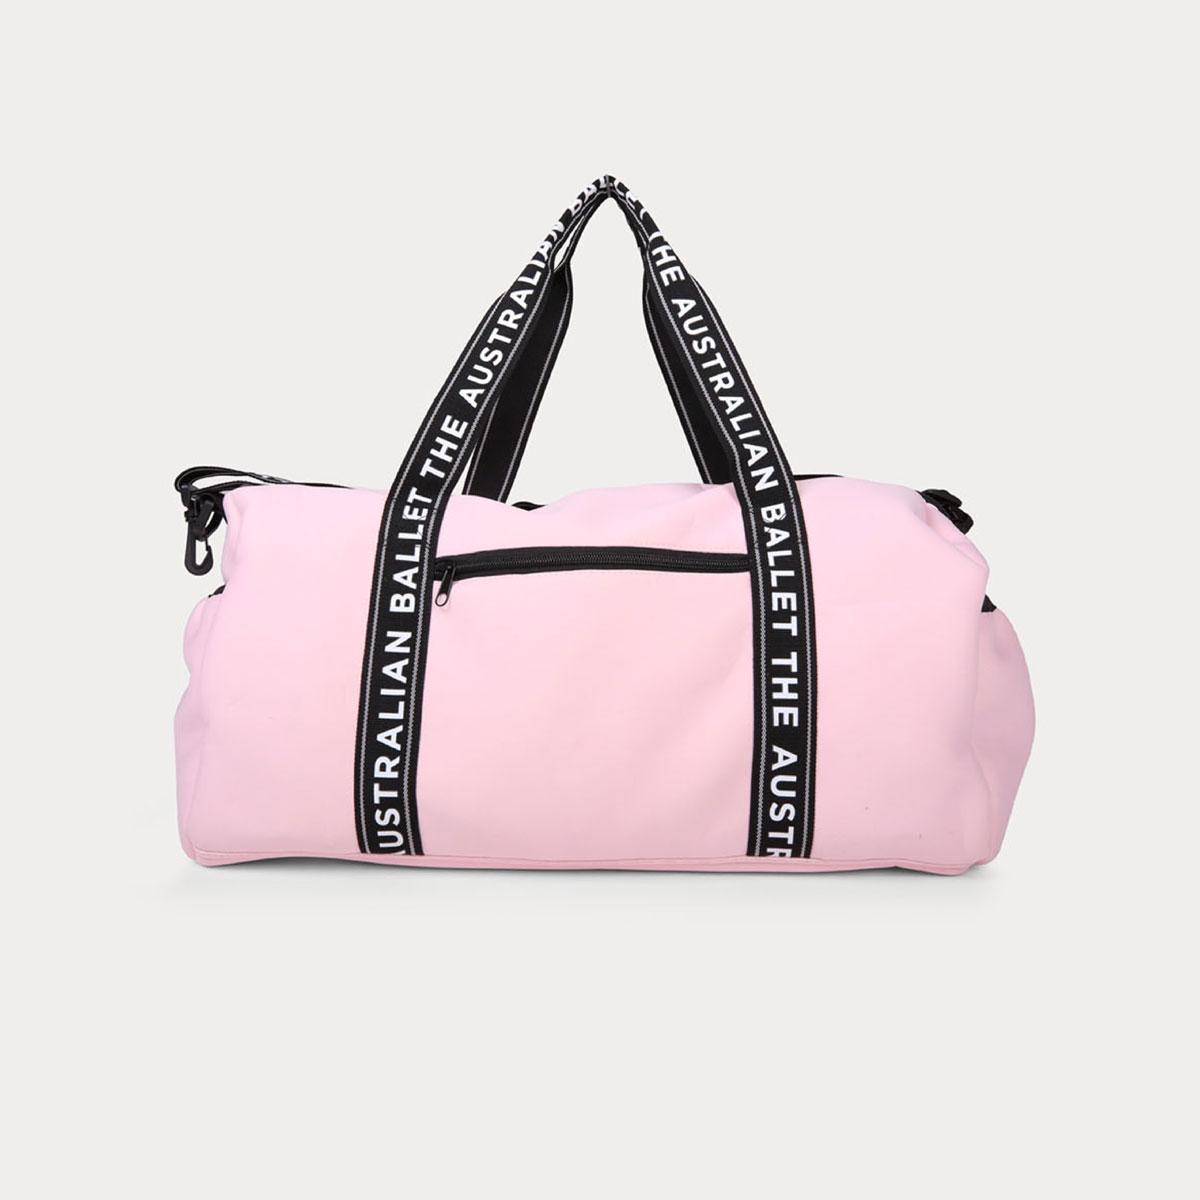 Pink Duffle Bag - $90